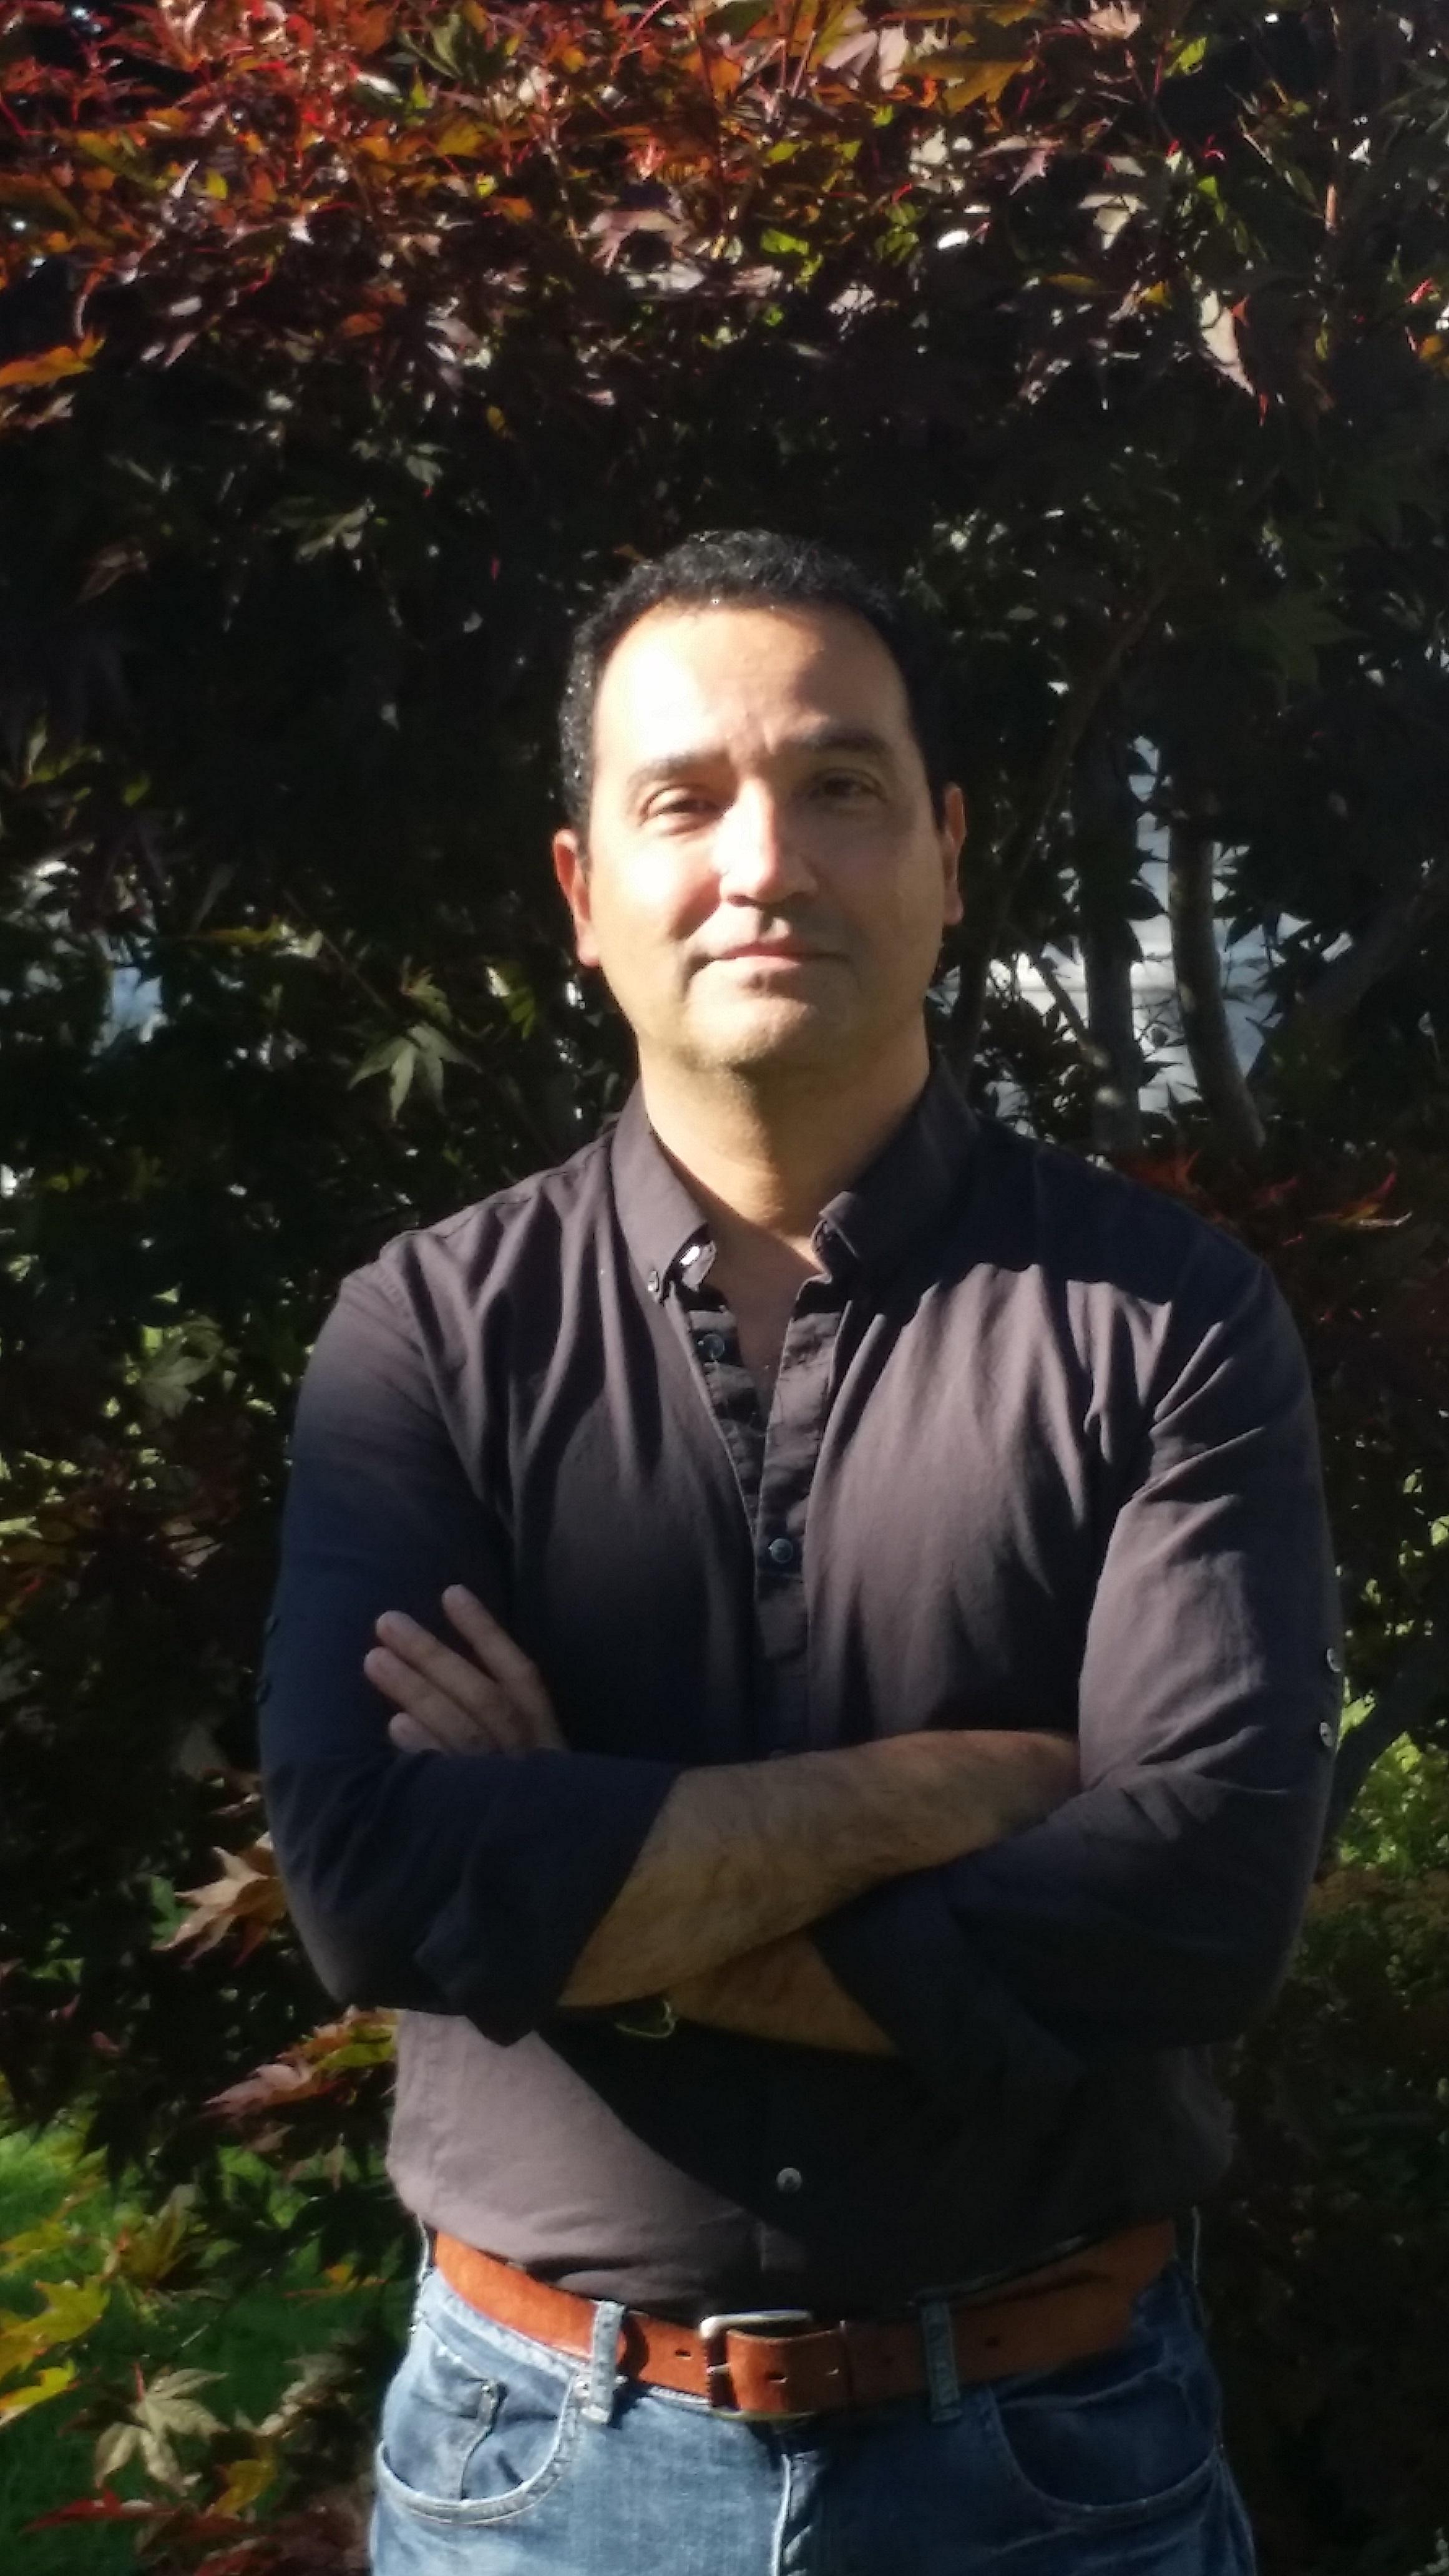 Mario Higa